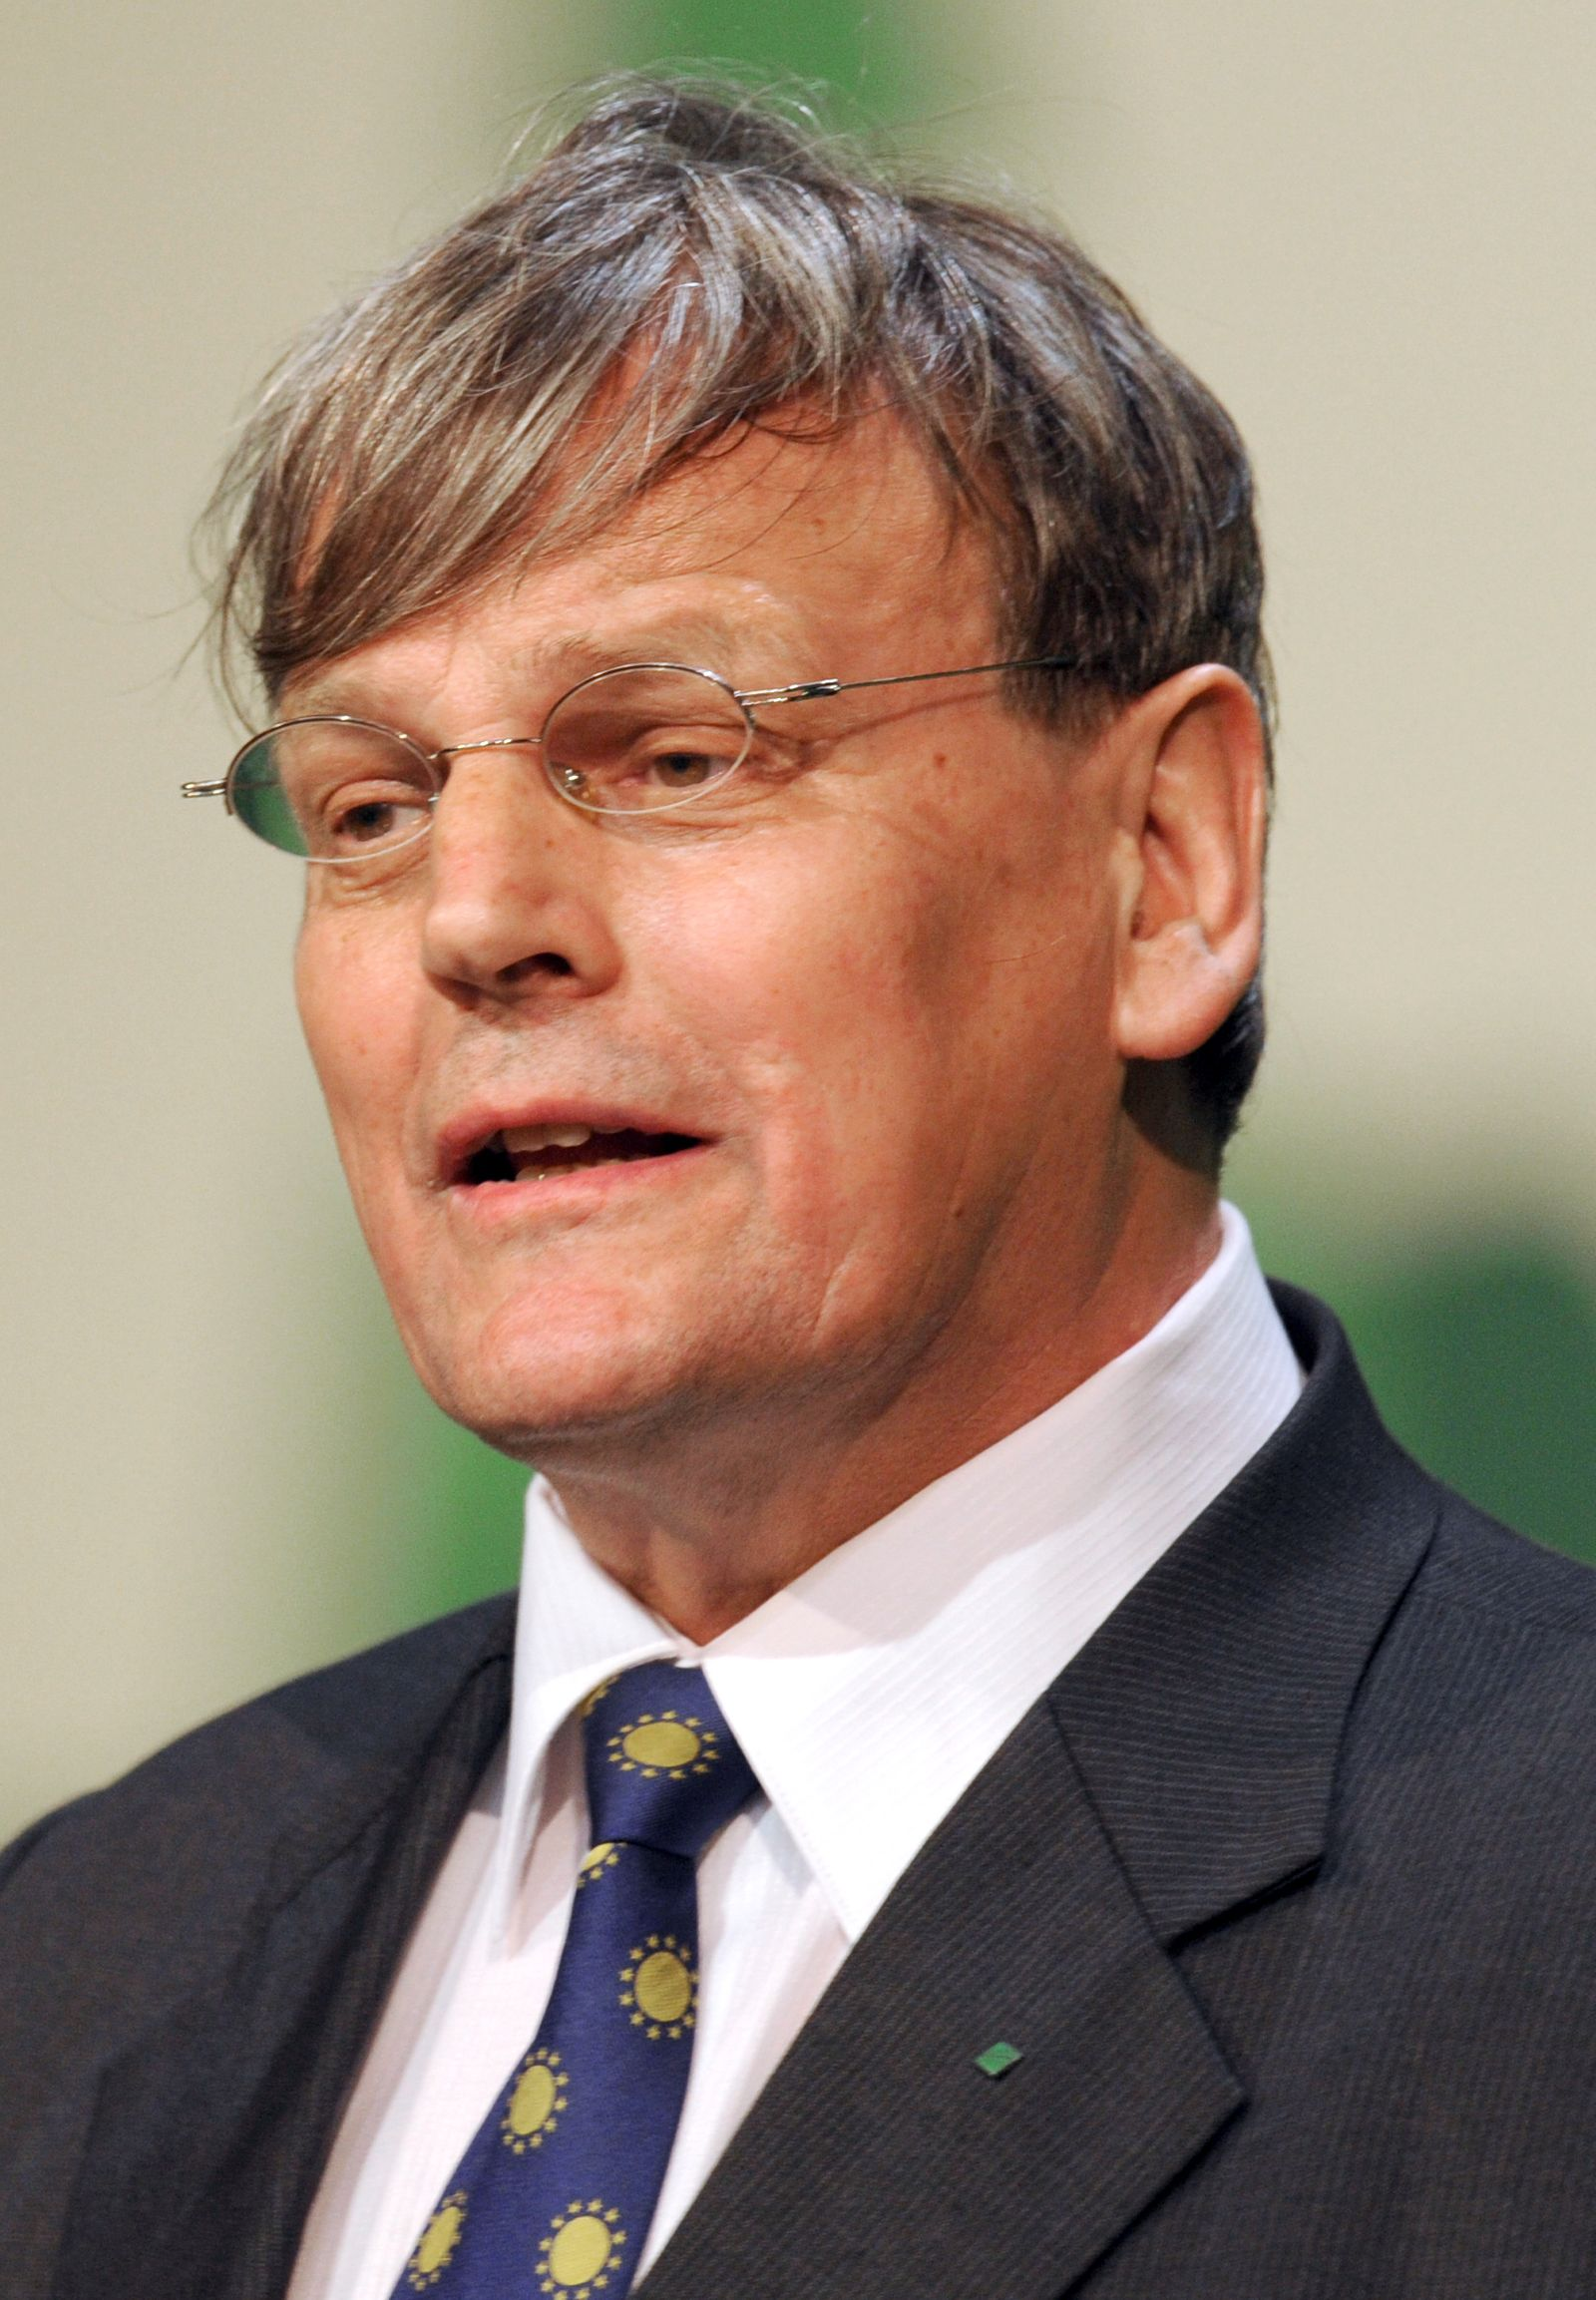 Bundesdelegiertenkonferenz der Grünen - Eicke Weber